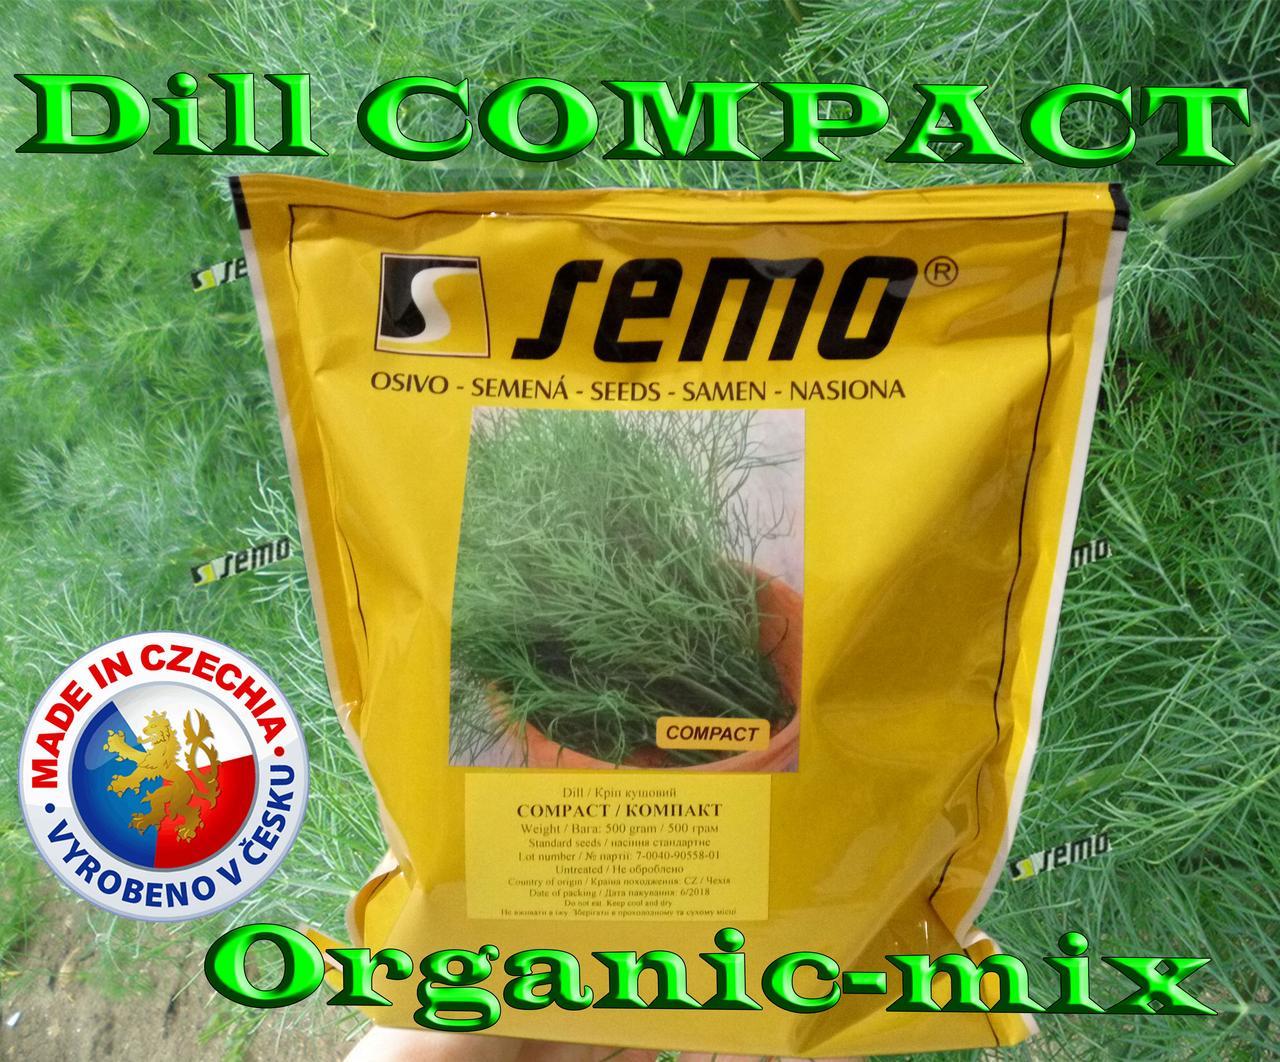 Укроп кустовой, жаростойкий КОМПАКТ / DILL COMPAСT, 500 г фермерский проф. пакет, SEMO (Чехия)